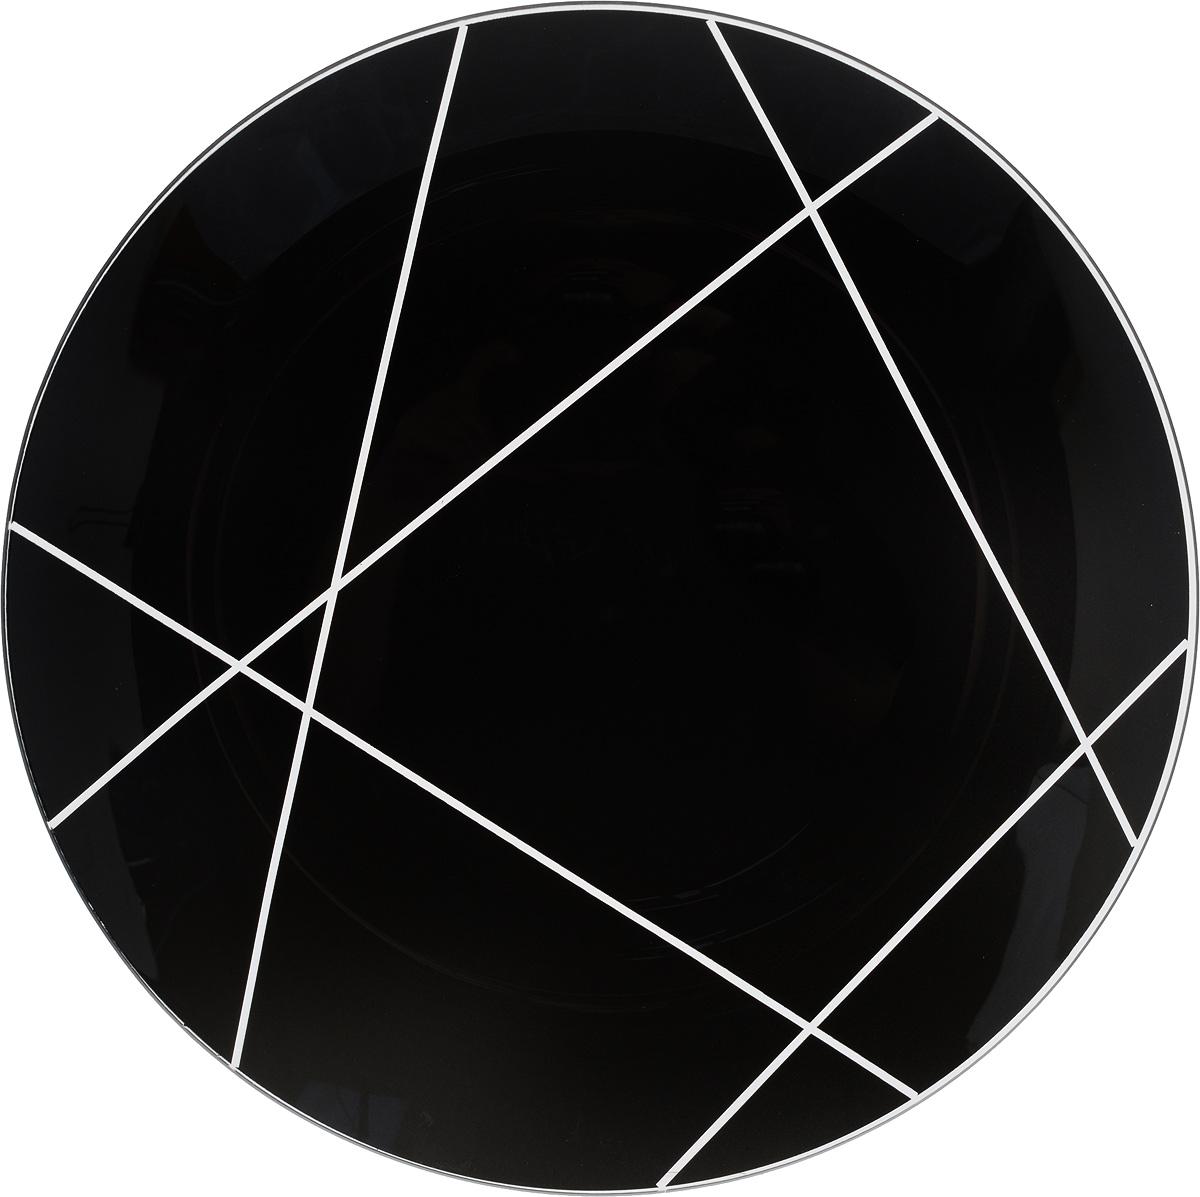 Тарелка NiNaGlass Контур, цвет: черный, диаметр 30 см85-300-002/чернТарелка NiNaGlass Контур выполнена из высококачественного стекла и оформлена красивым прозрачным геометрическим принтом. Тарелка идеальна для подачи вторых блюд, а также сервировки закусок, нарезок, салатов, овощей и фруктов. Она отлично подойдет как для повседневных, так и для торжественных случаев.Такая тарелка прекрасно впишется в интерьер вашей кухни и станет достойным дополнением к кухонному инвентарю.